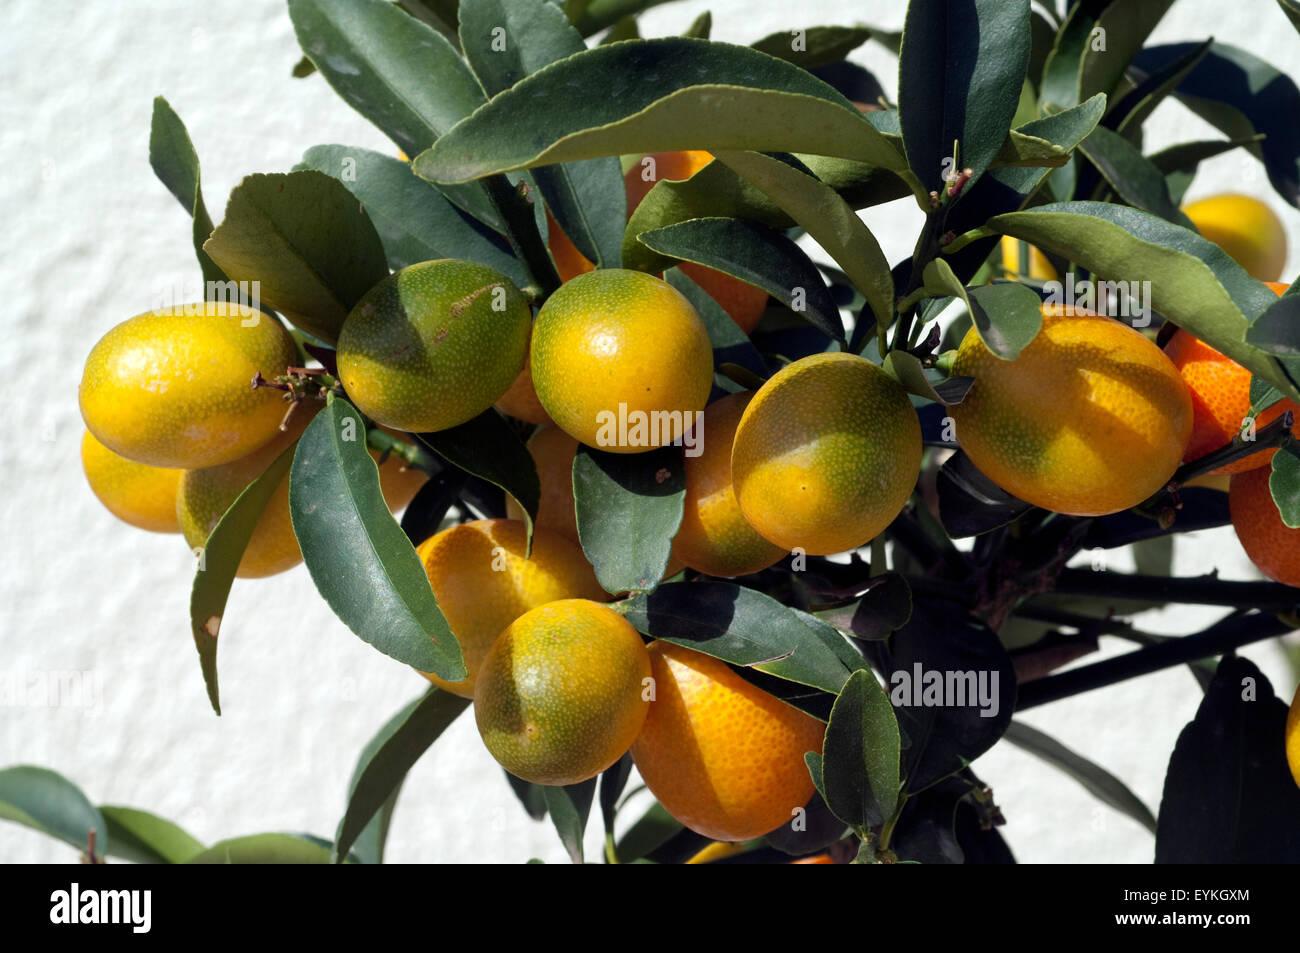 Kumquats; Fortunella; Citrus; Stock Photo